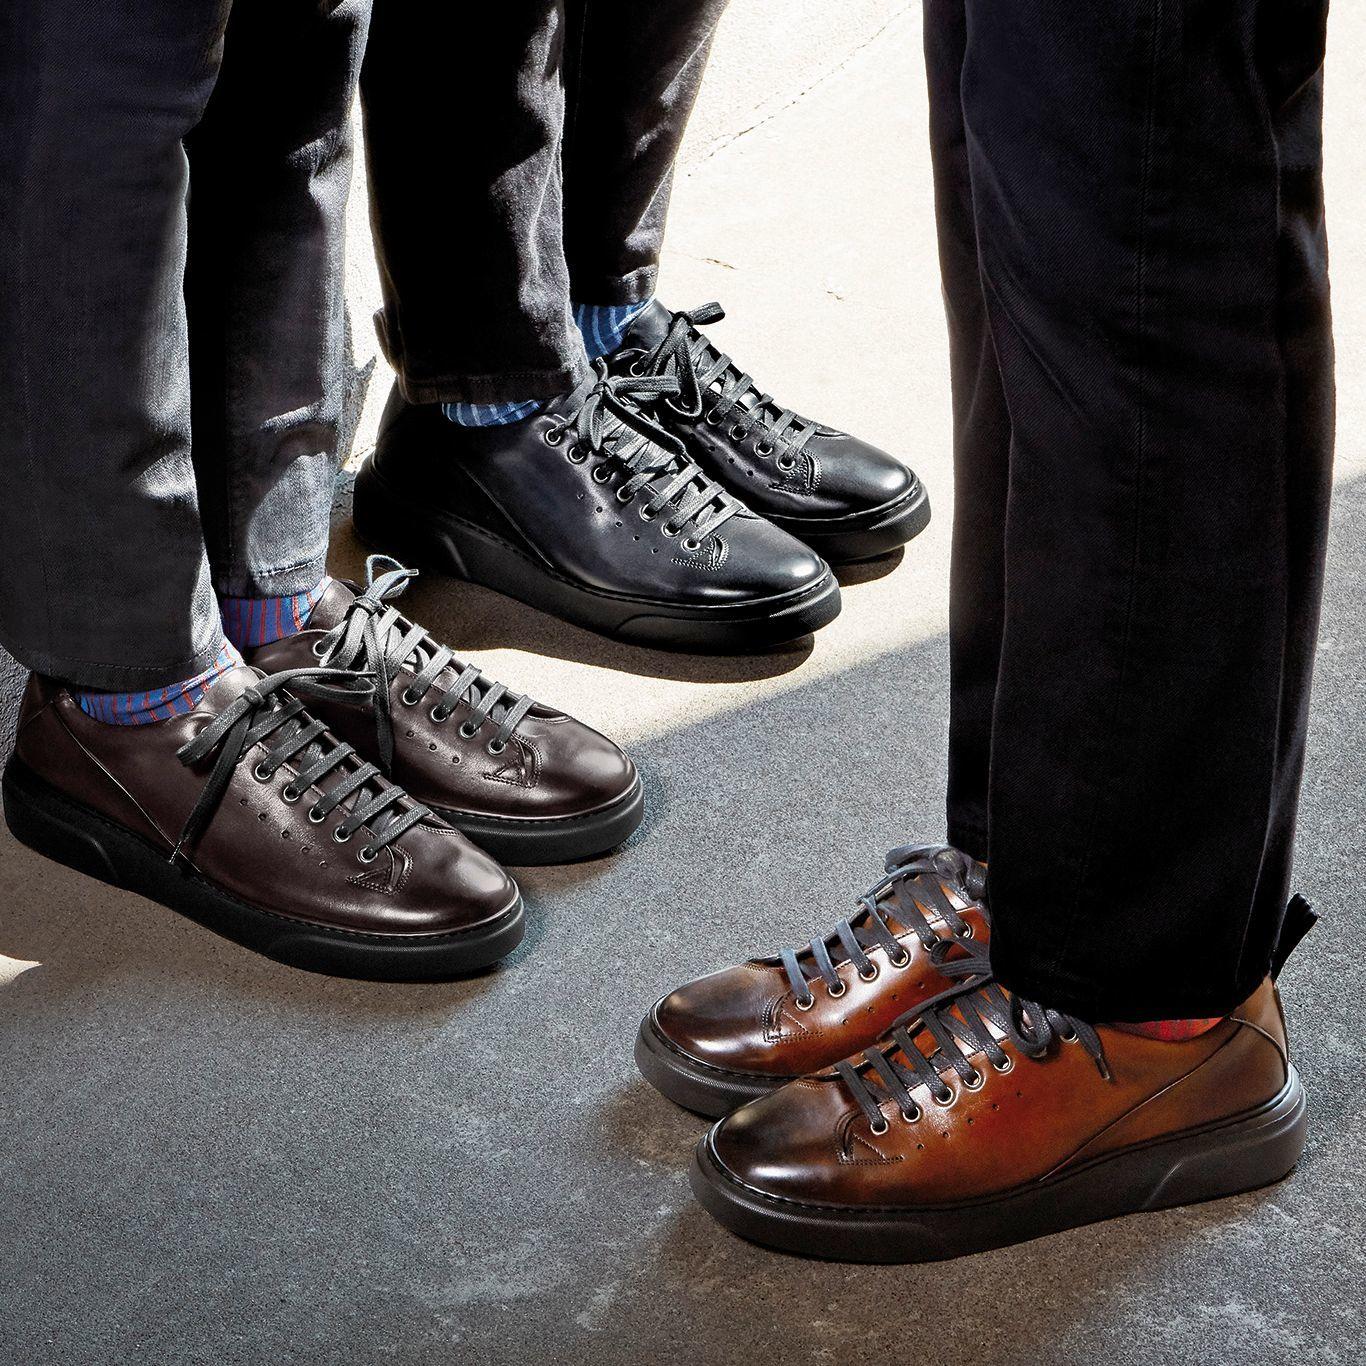 高奢鞋履聚焦